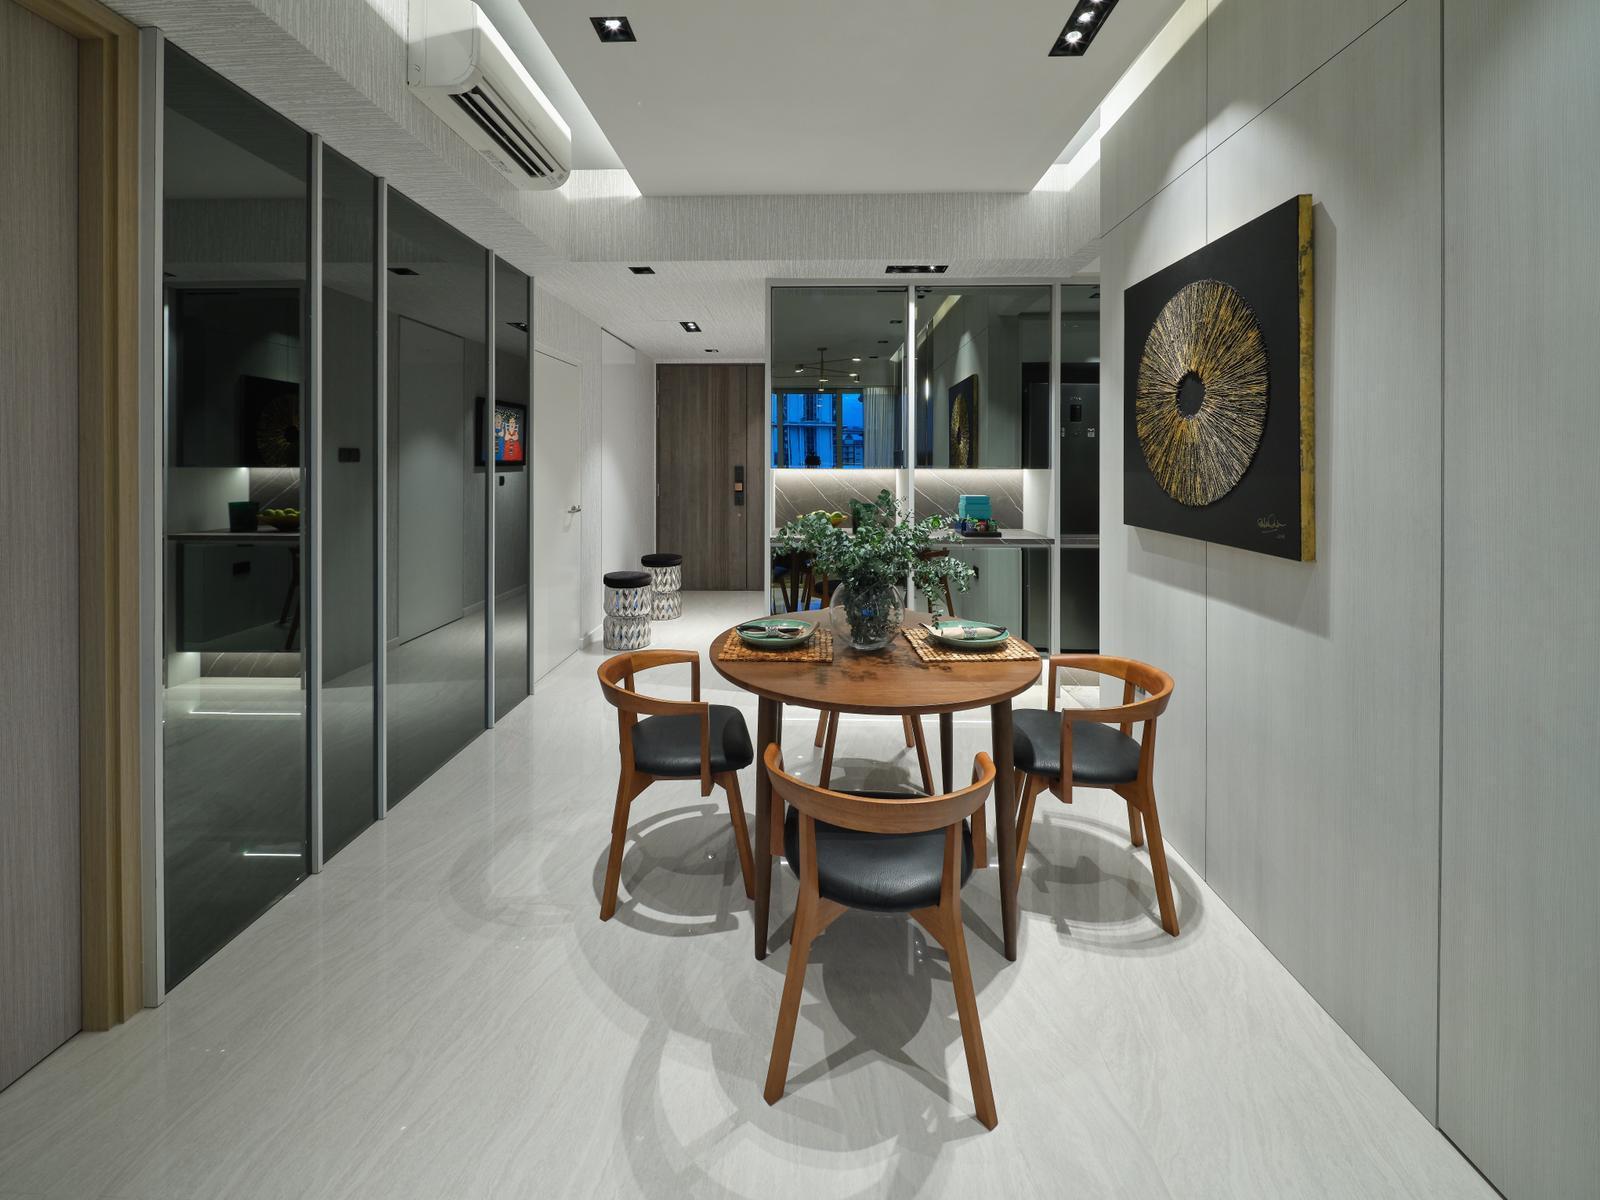 squarerooms spaceone interior design eclectic condominium unit monochromatic bold colourful artwork dining room